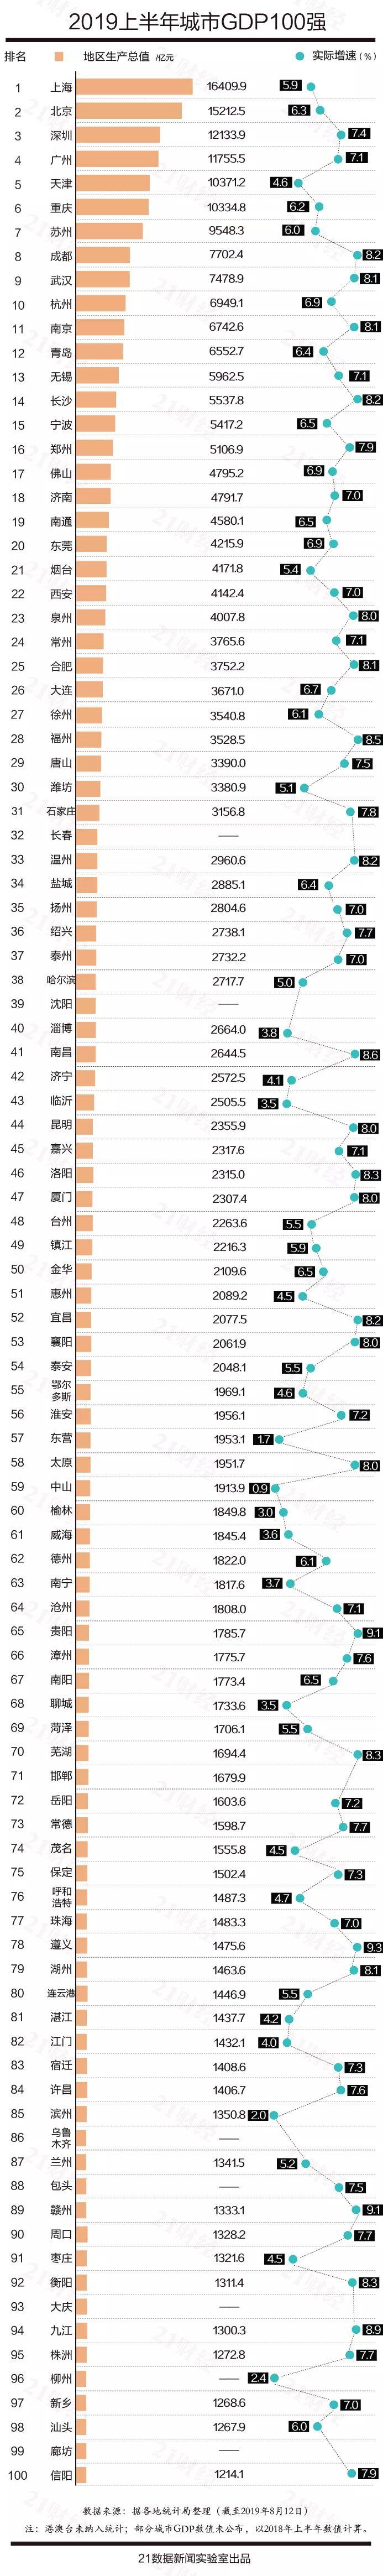 最新中国城市GDP百强榜:你的家乡排第几?